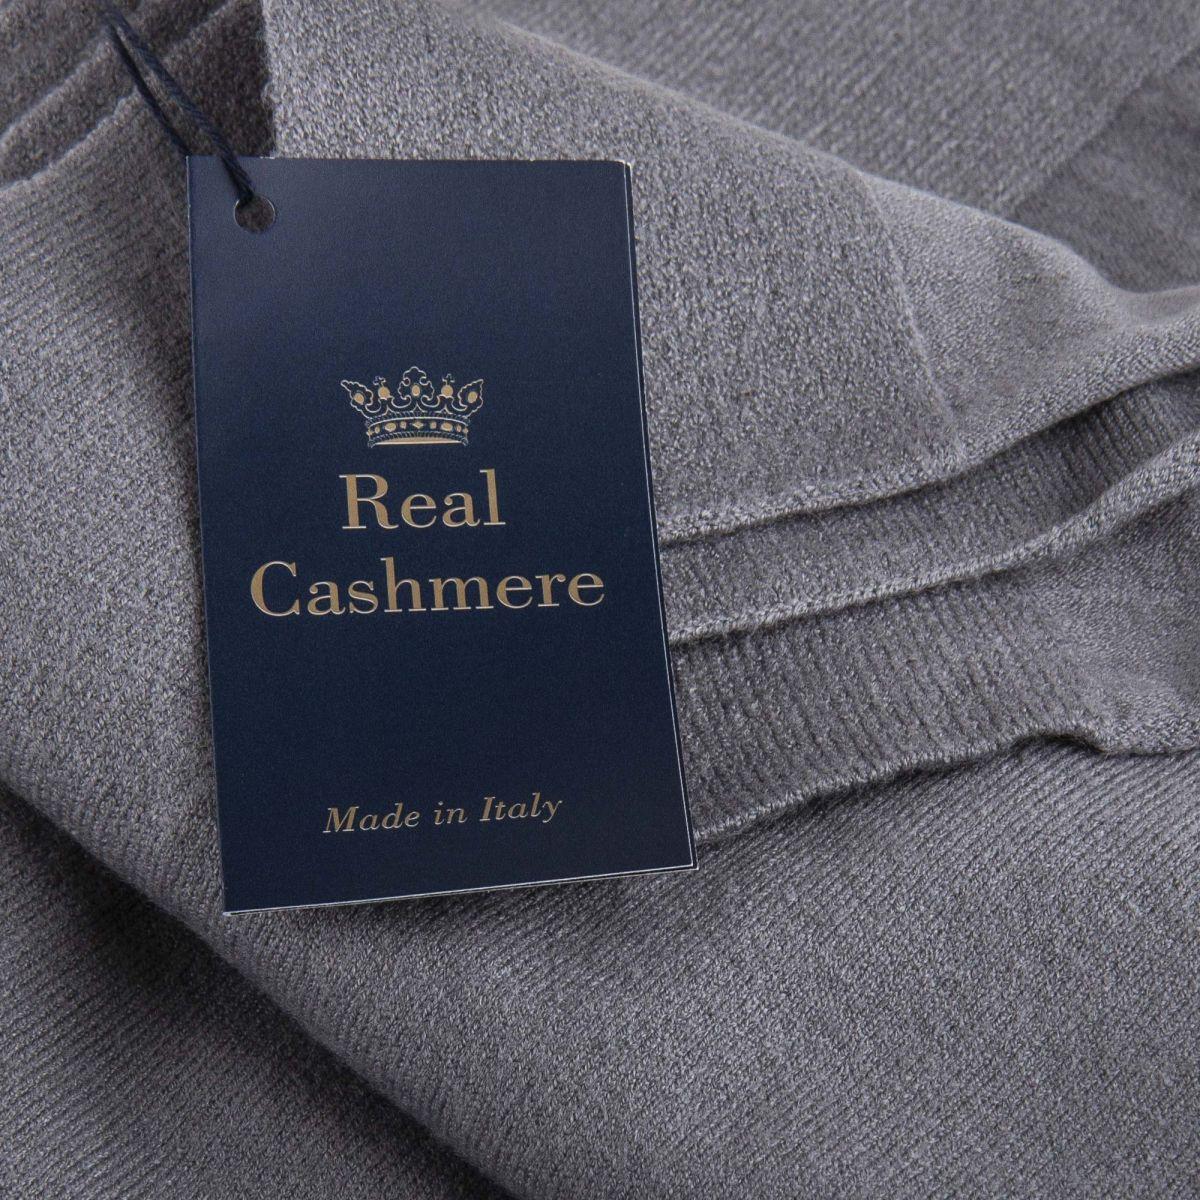 ... Echarpe laine Cachemire femme Real Cashmere marque pas cher prix  dégriffés destockage ... e50661de19d